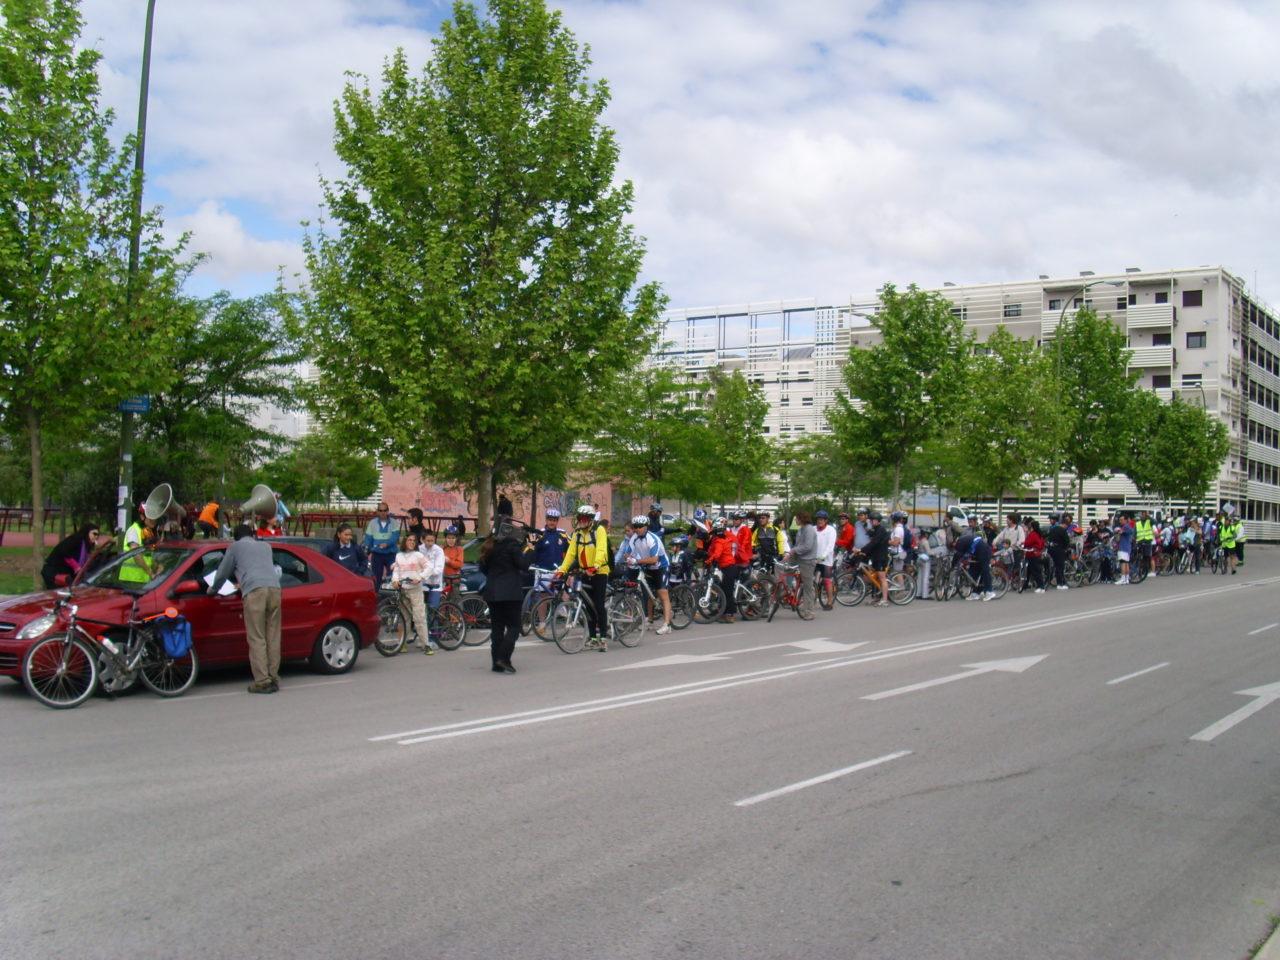 Más de un centenar de ciclistas participan en la III Fiesta de la Bicicleta de Carabanchel